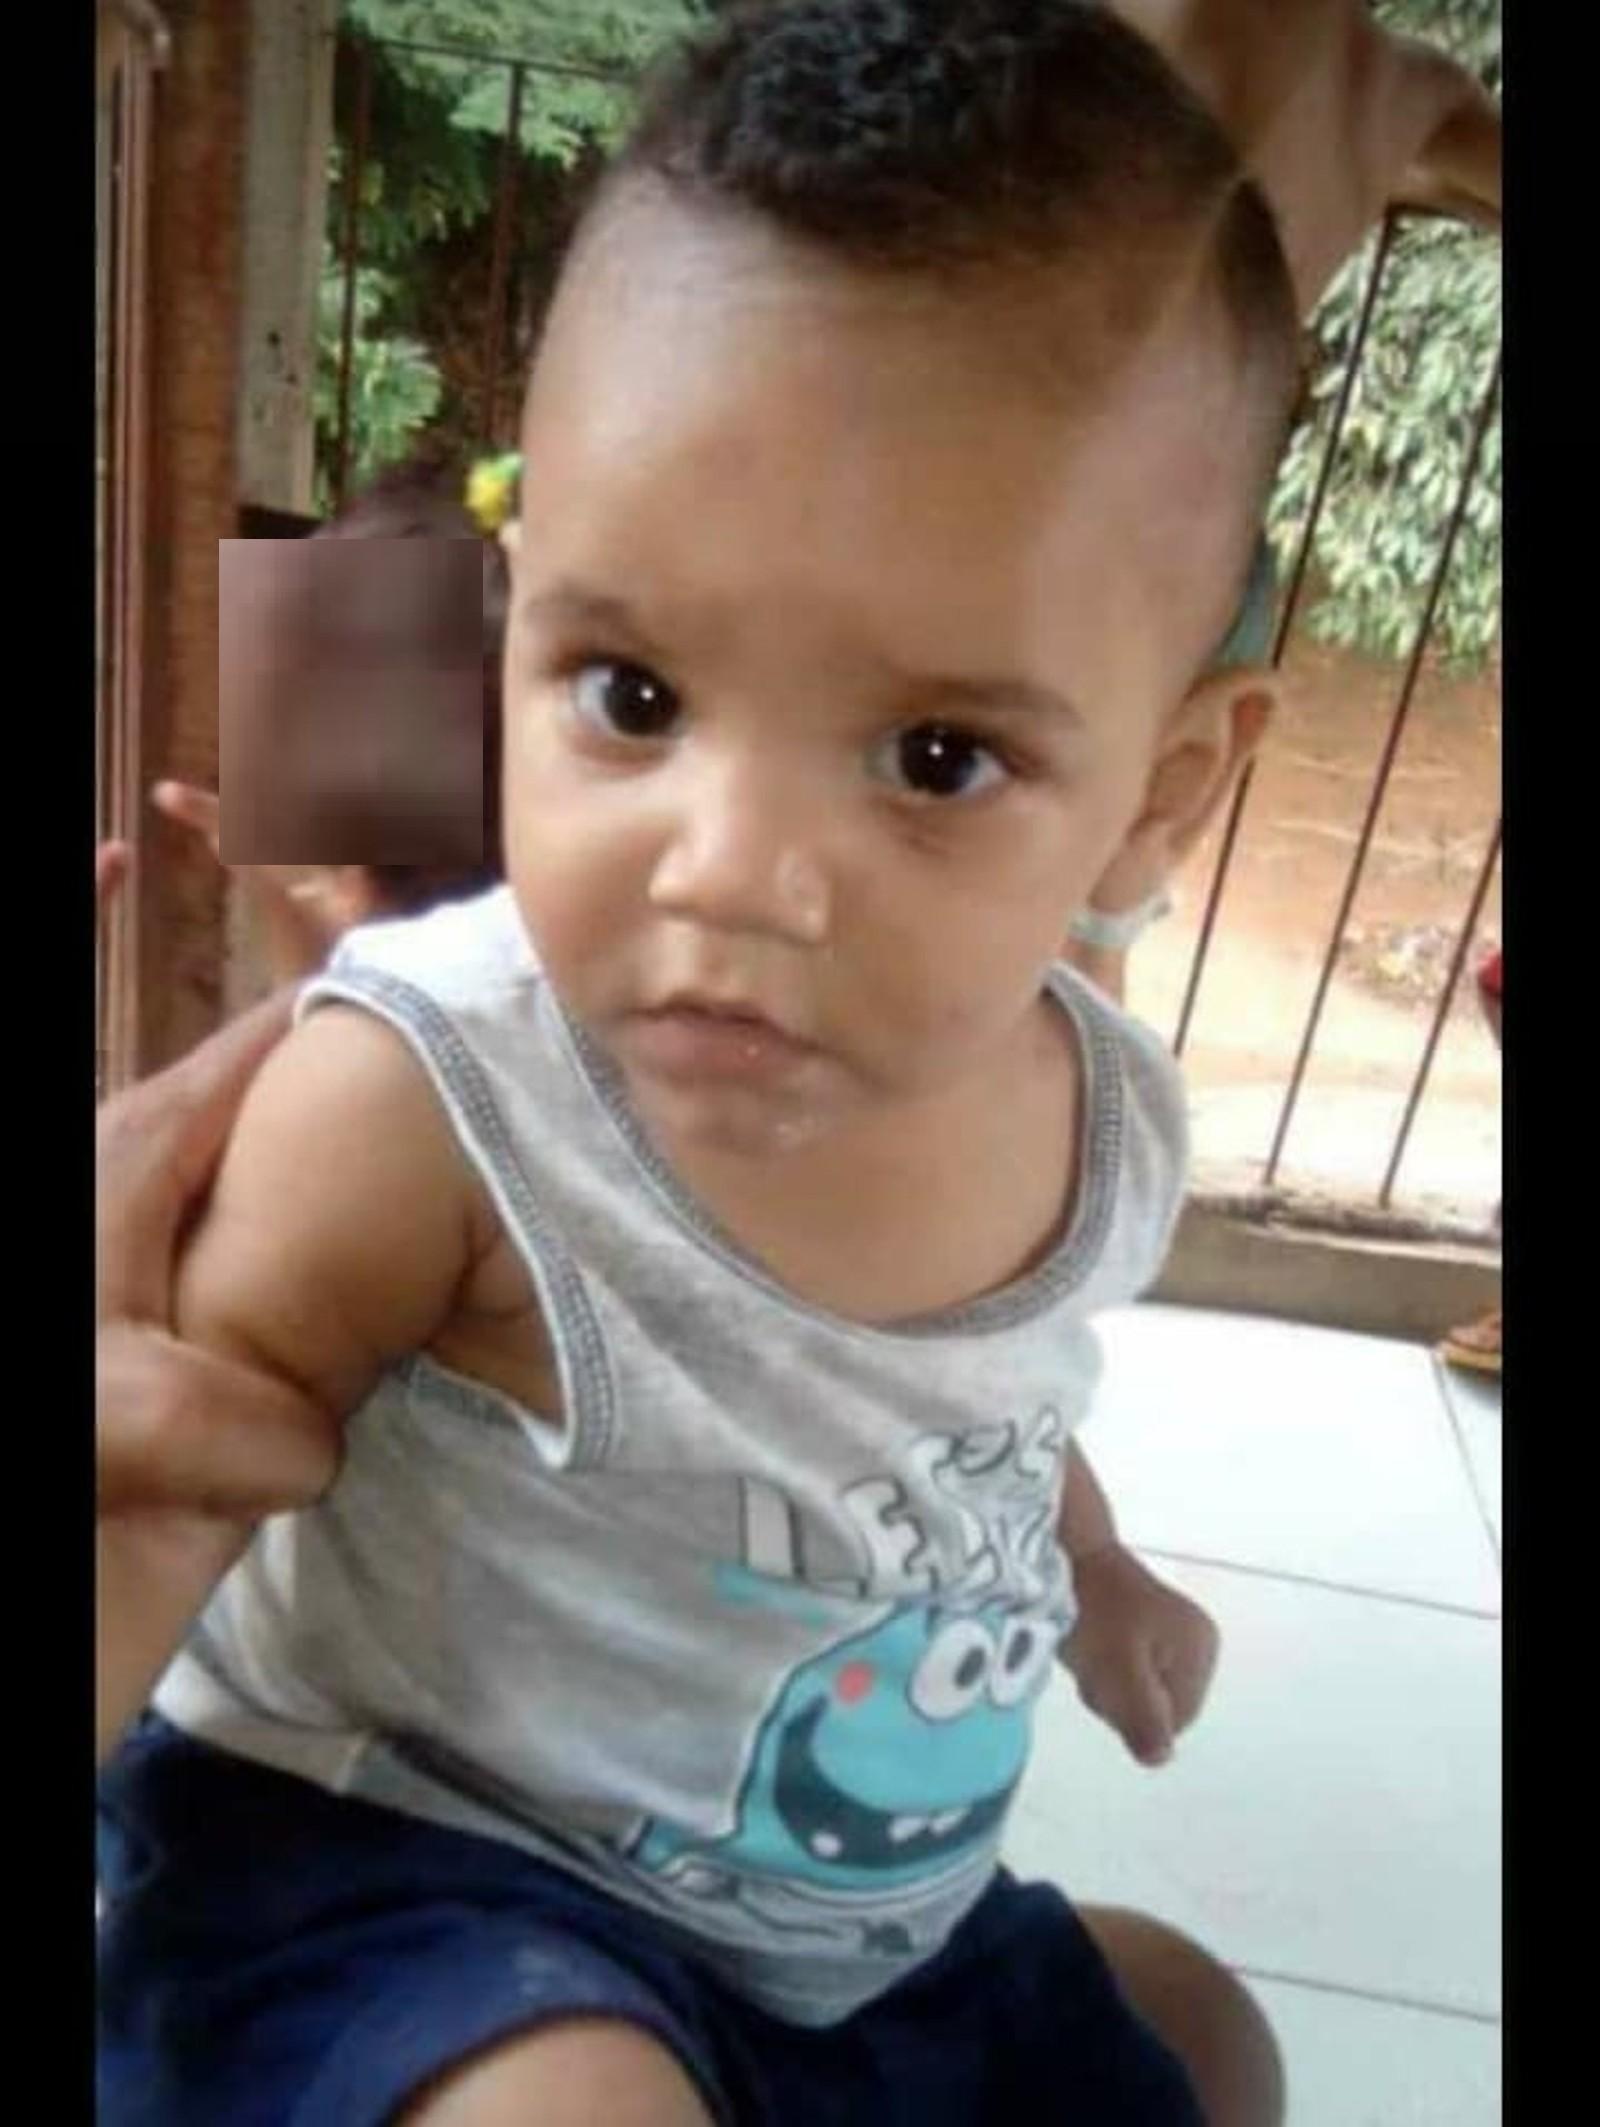 Bebê de 9 meses morre com sinais de espancamento e violência sexual no RJ, diz polícia - Notícias - Plantão Diário